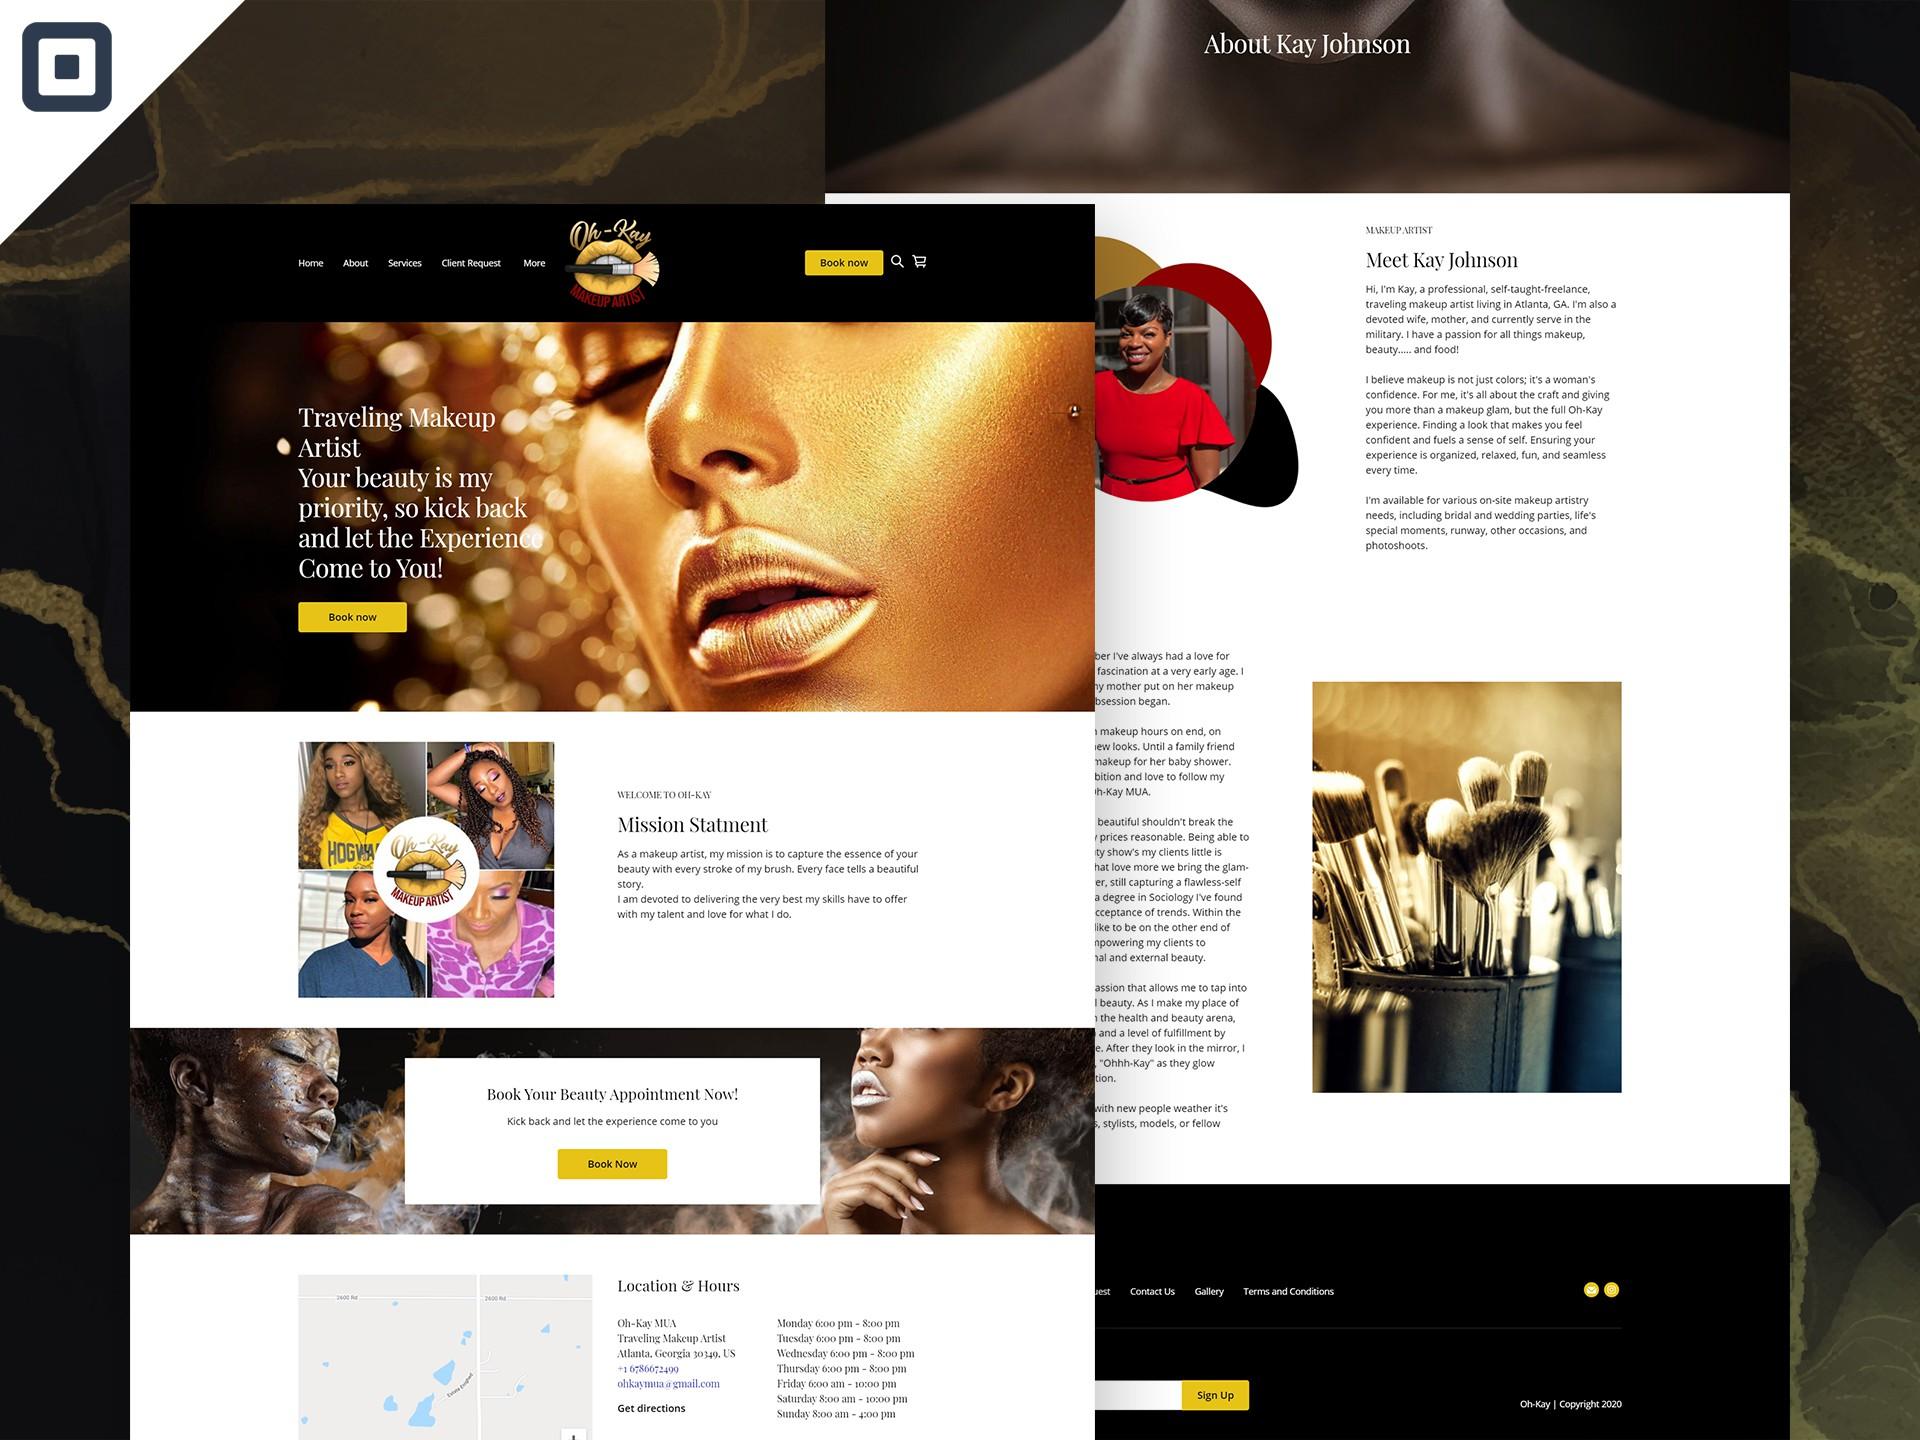 Website needs redesgining